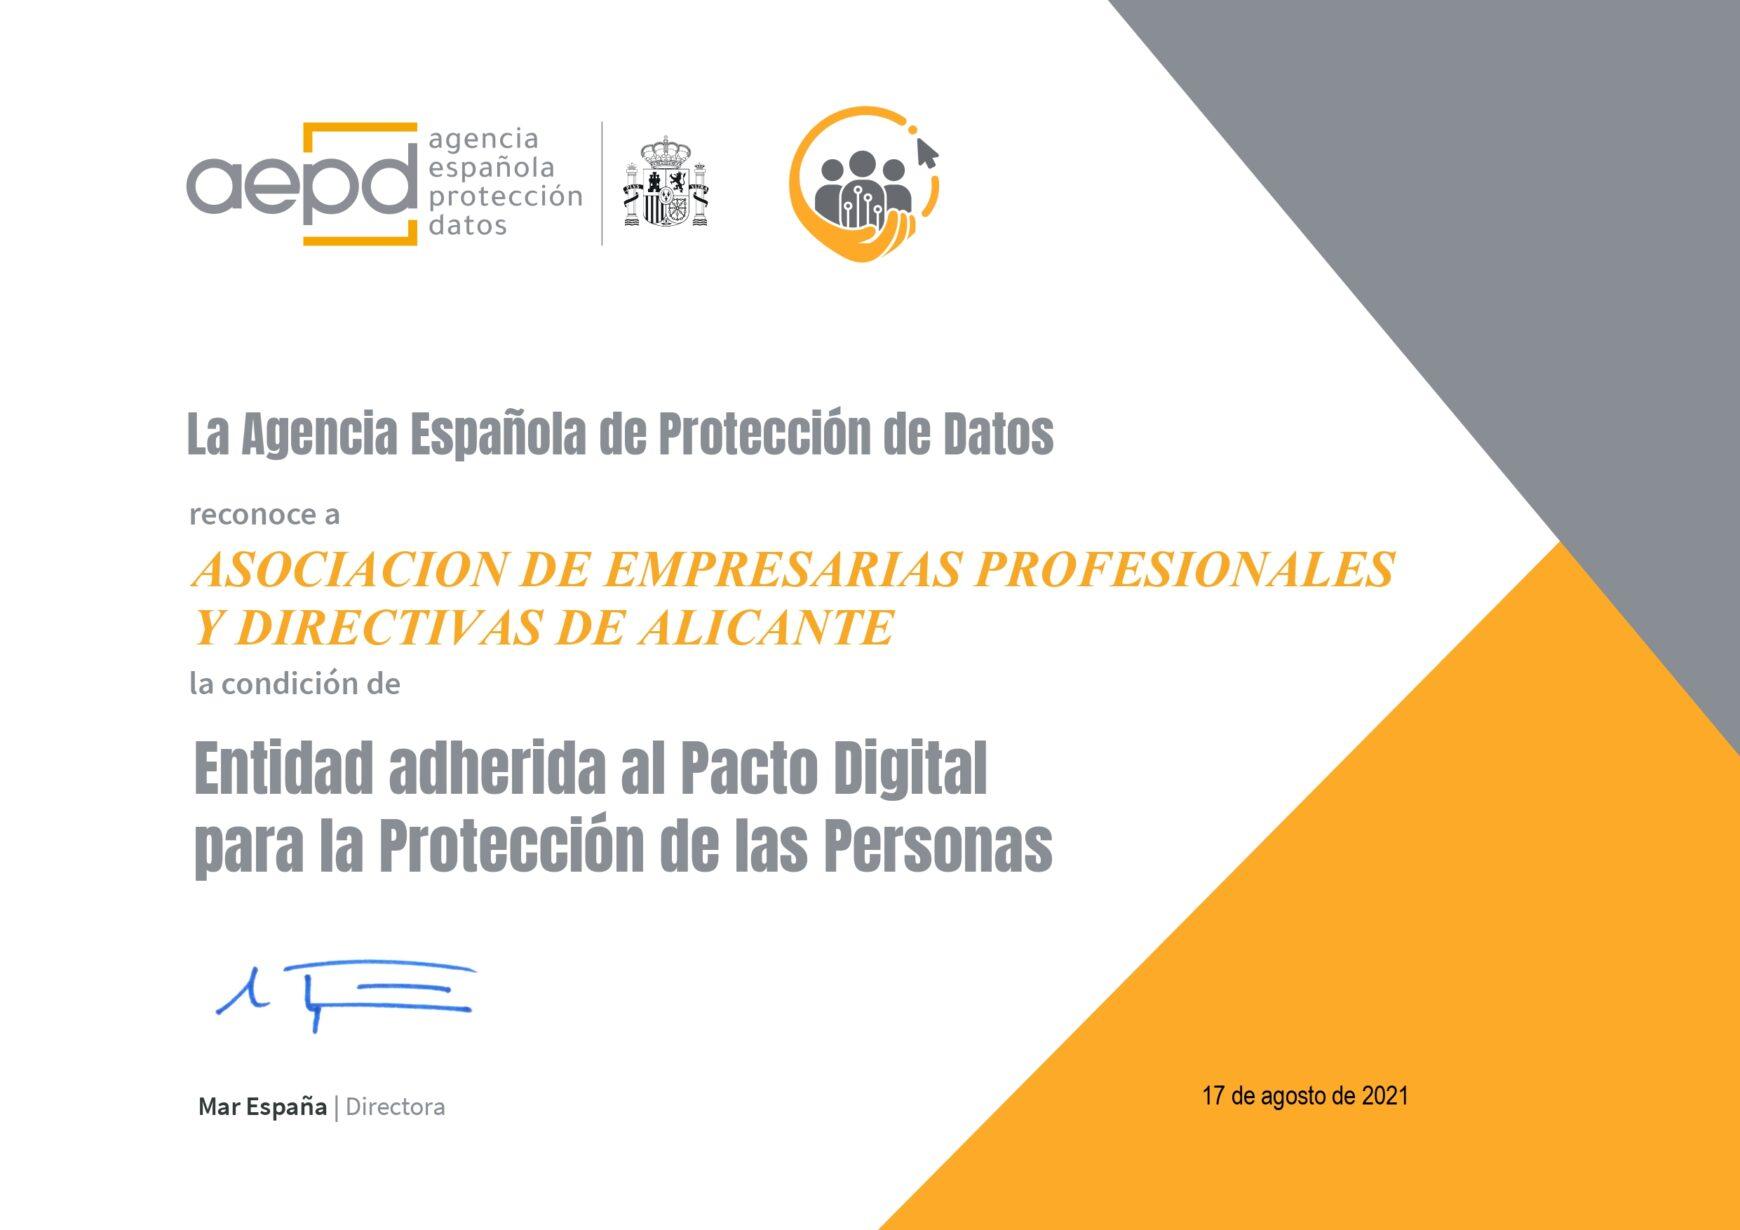 AEPA se adhiere al pacto digital para la protección de las personas.